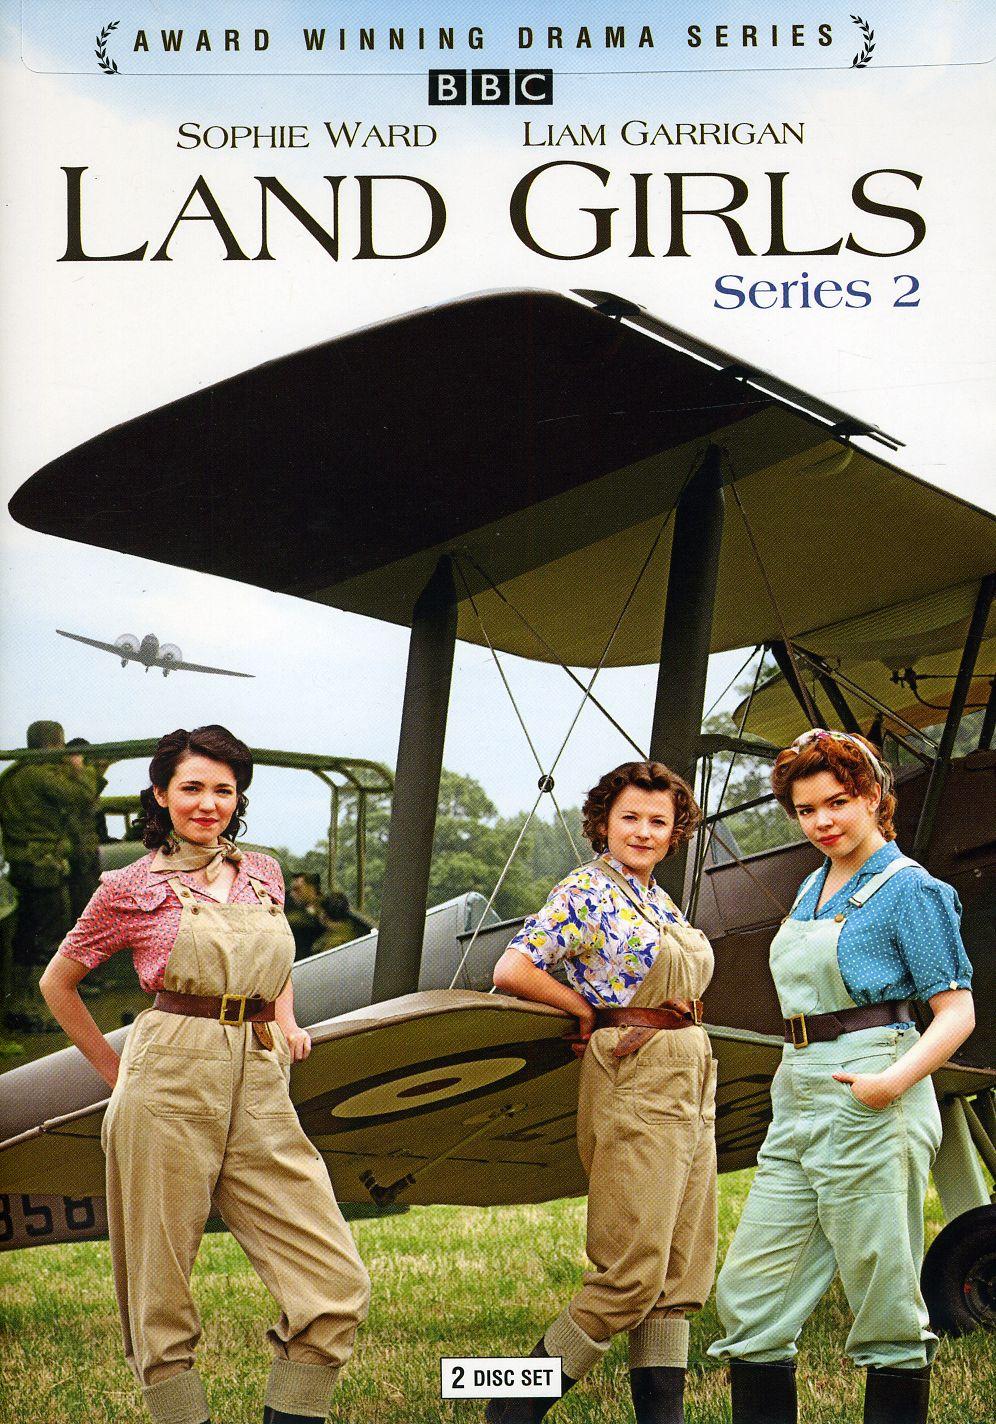 Land Girls Series 2 (DVD)